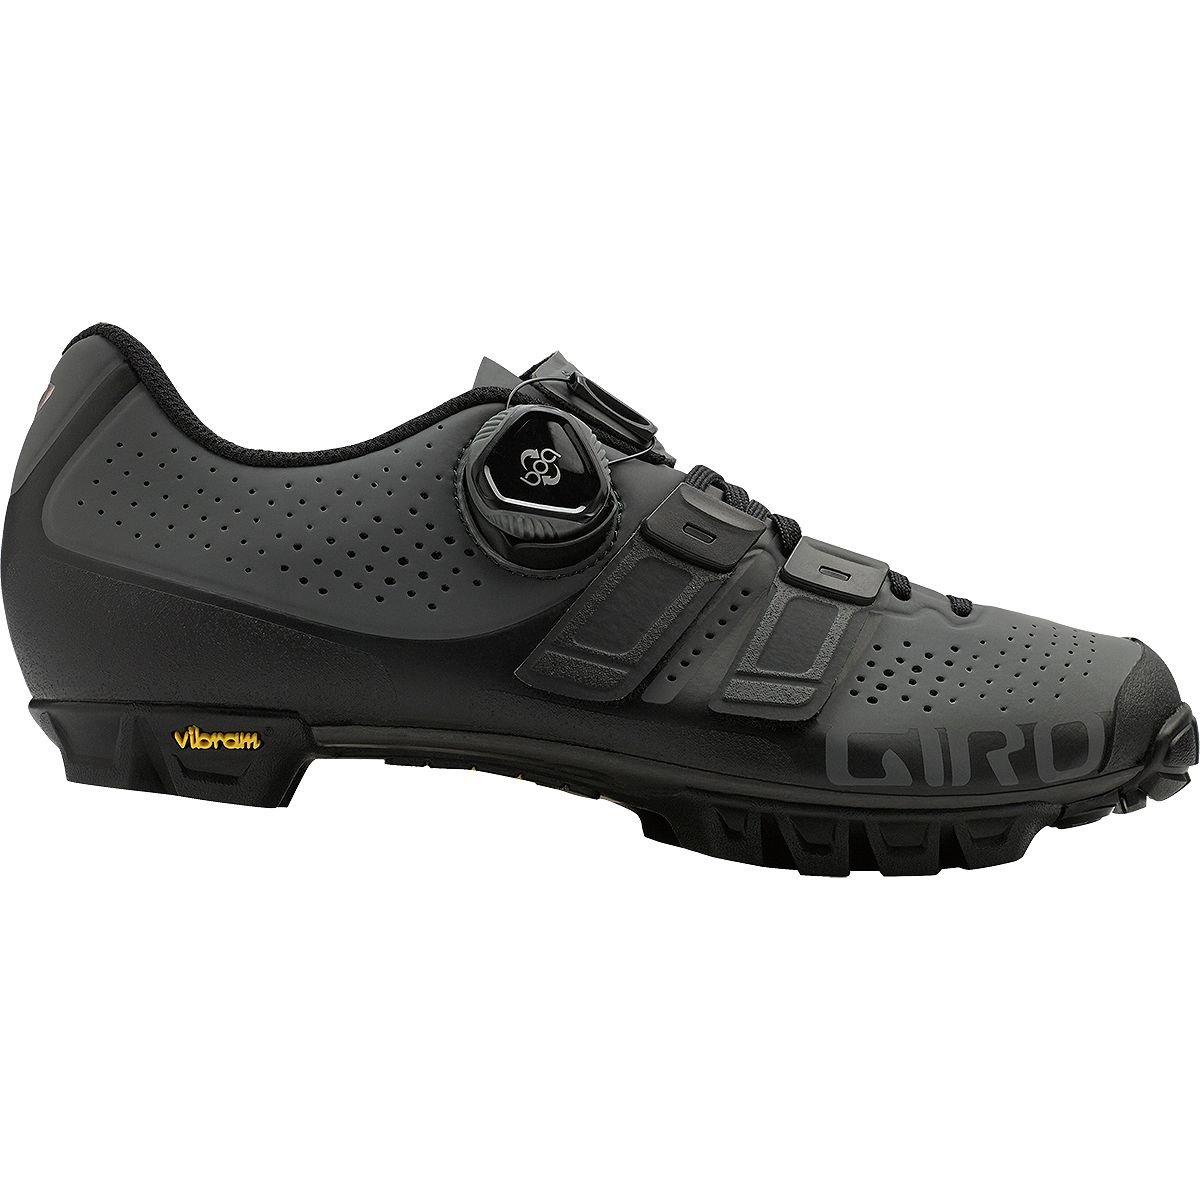 Giro SICA Techlace Cycling Shoe - Women's Dark Shadow/Black, 37.0